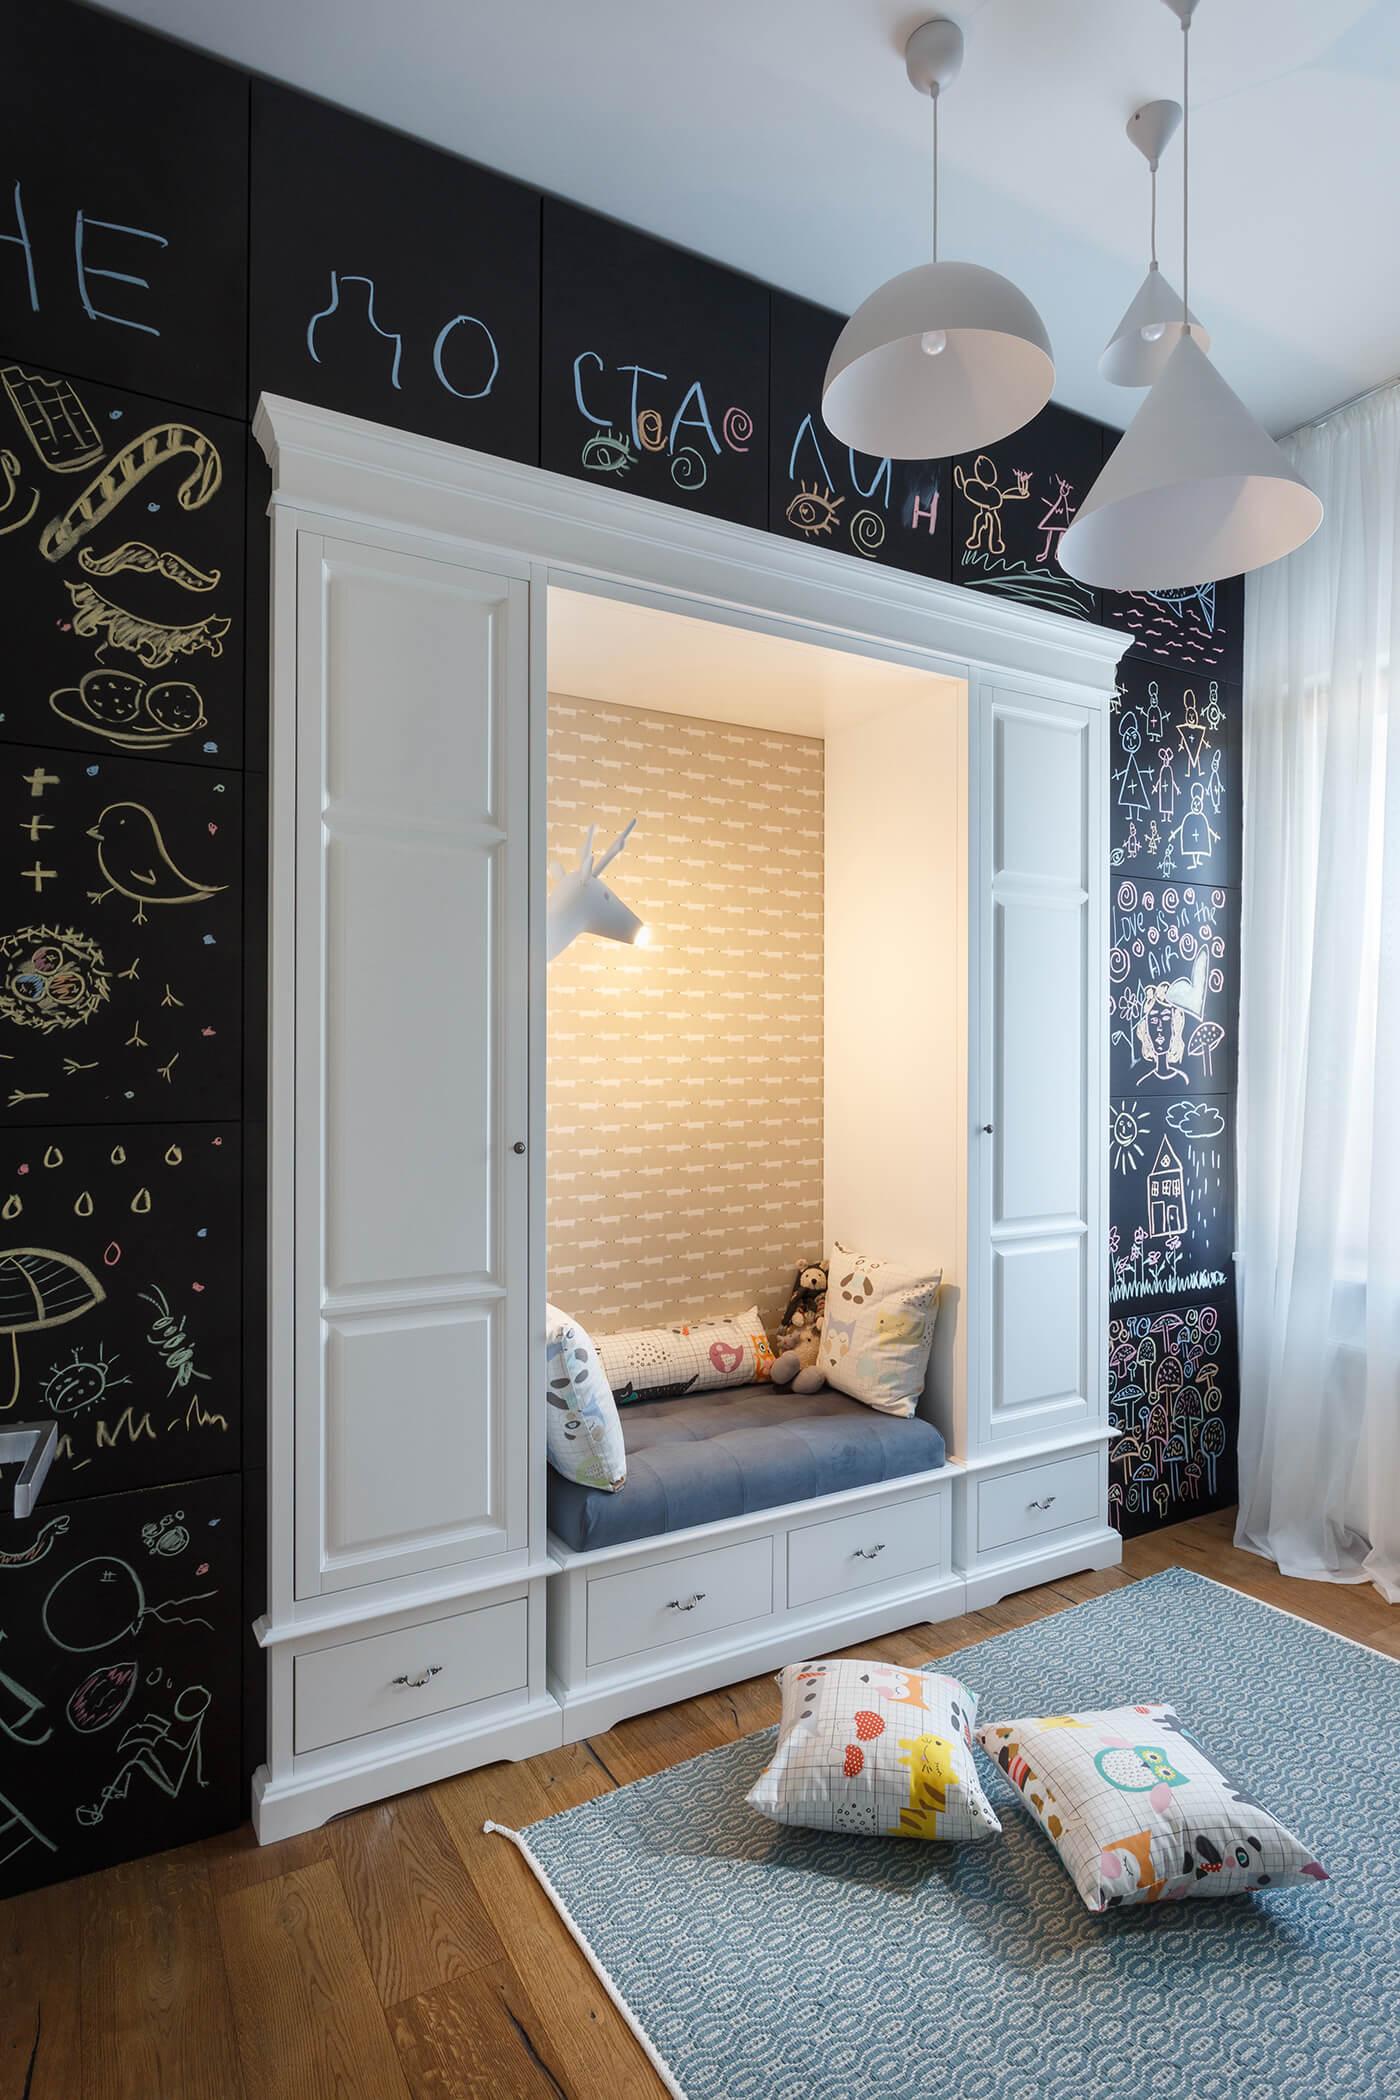 apartament-v-ukraina-s-kreativen-interioren-dizian-7g